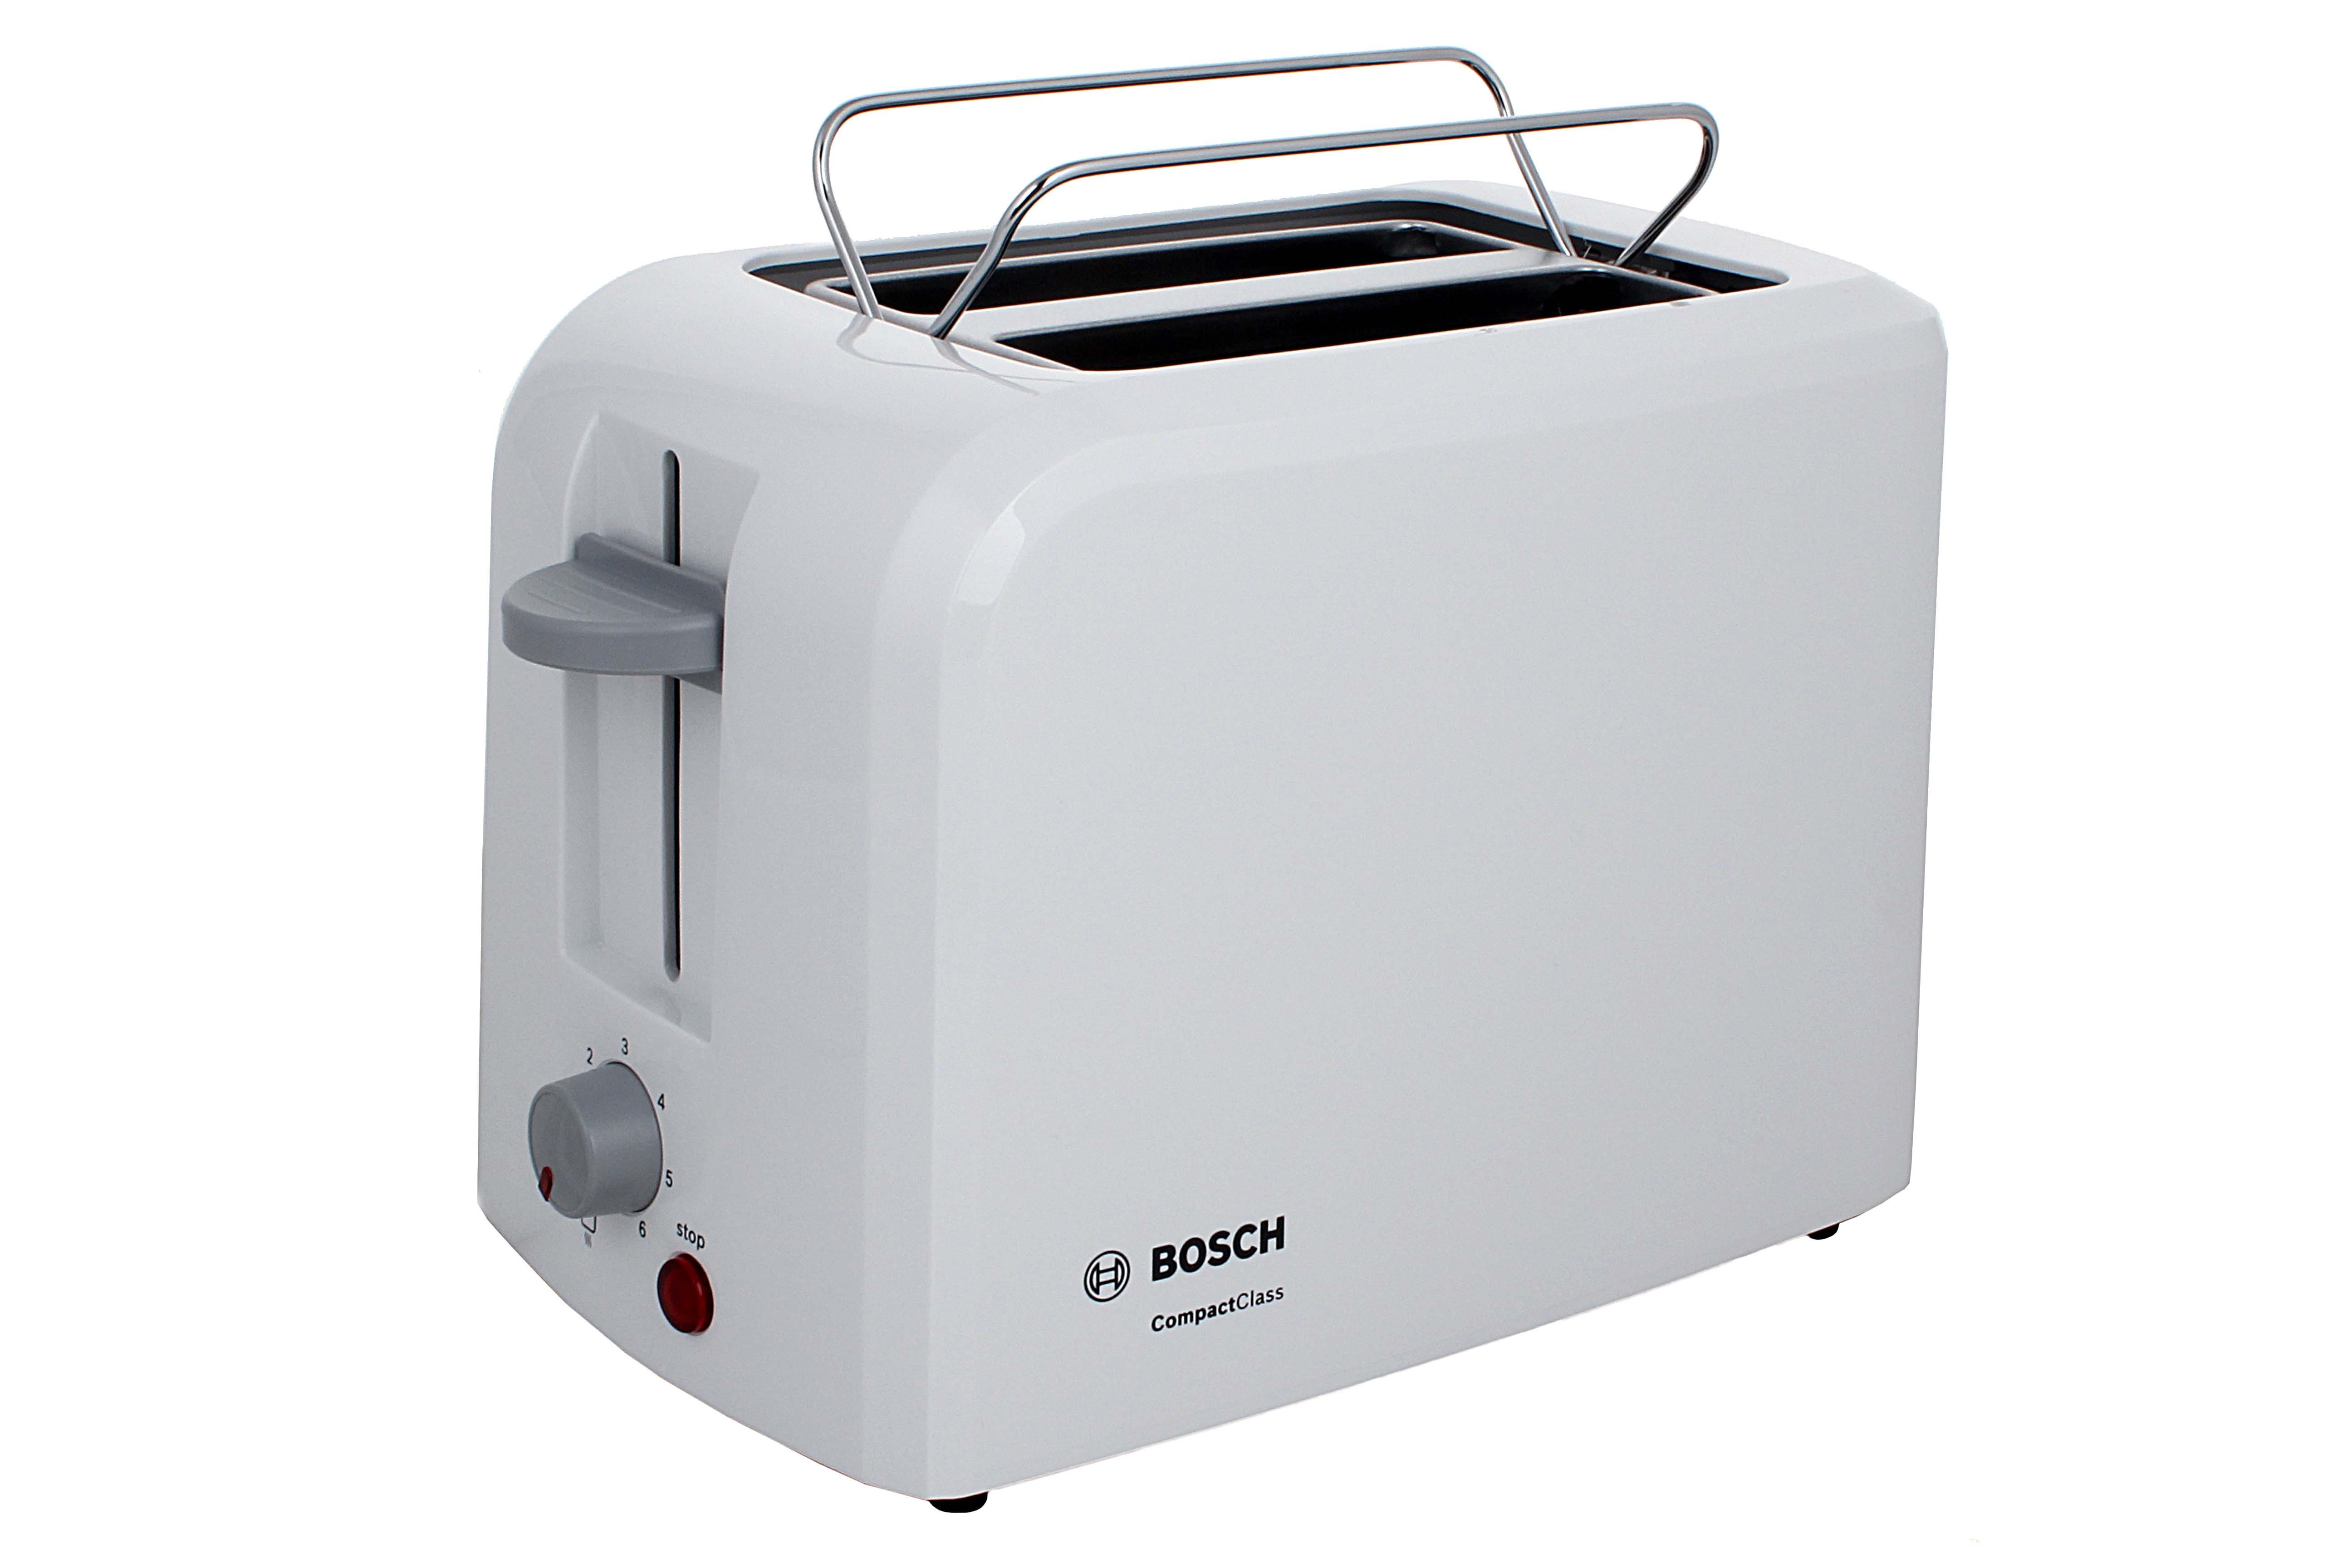 Тостер Bosch Real Brand Technics 1084.000